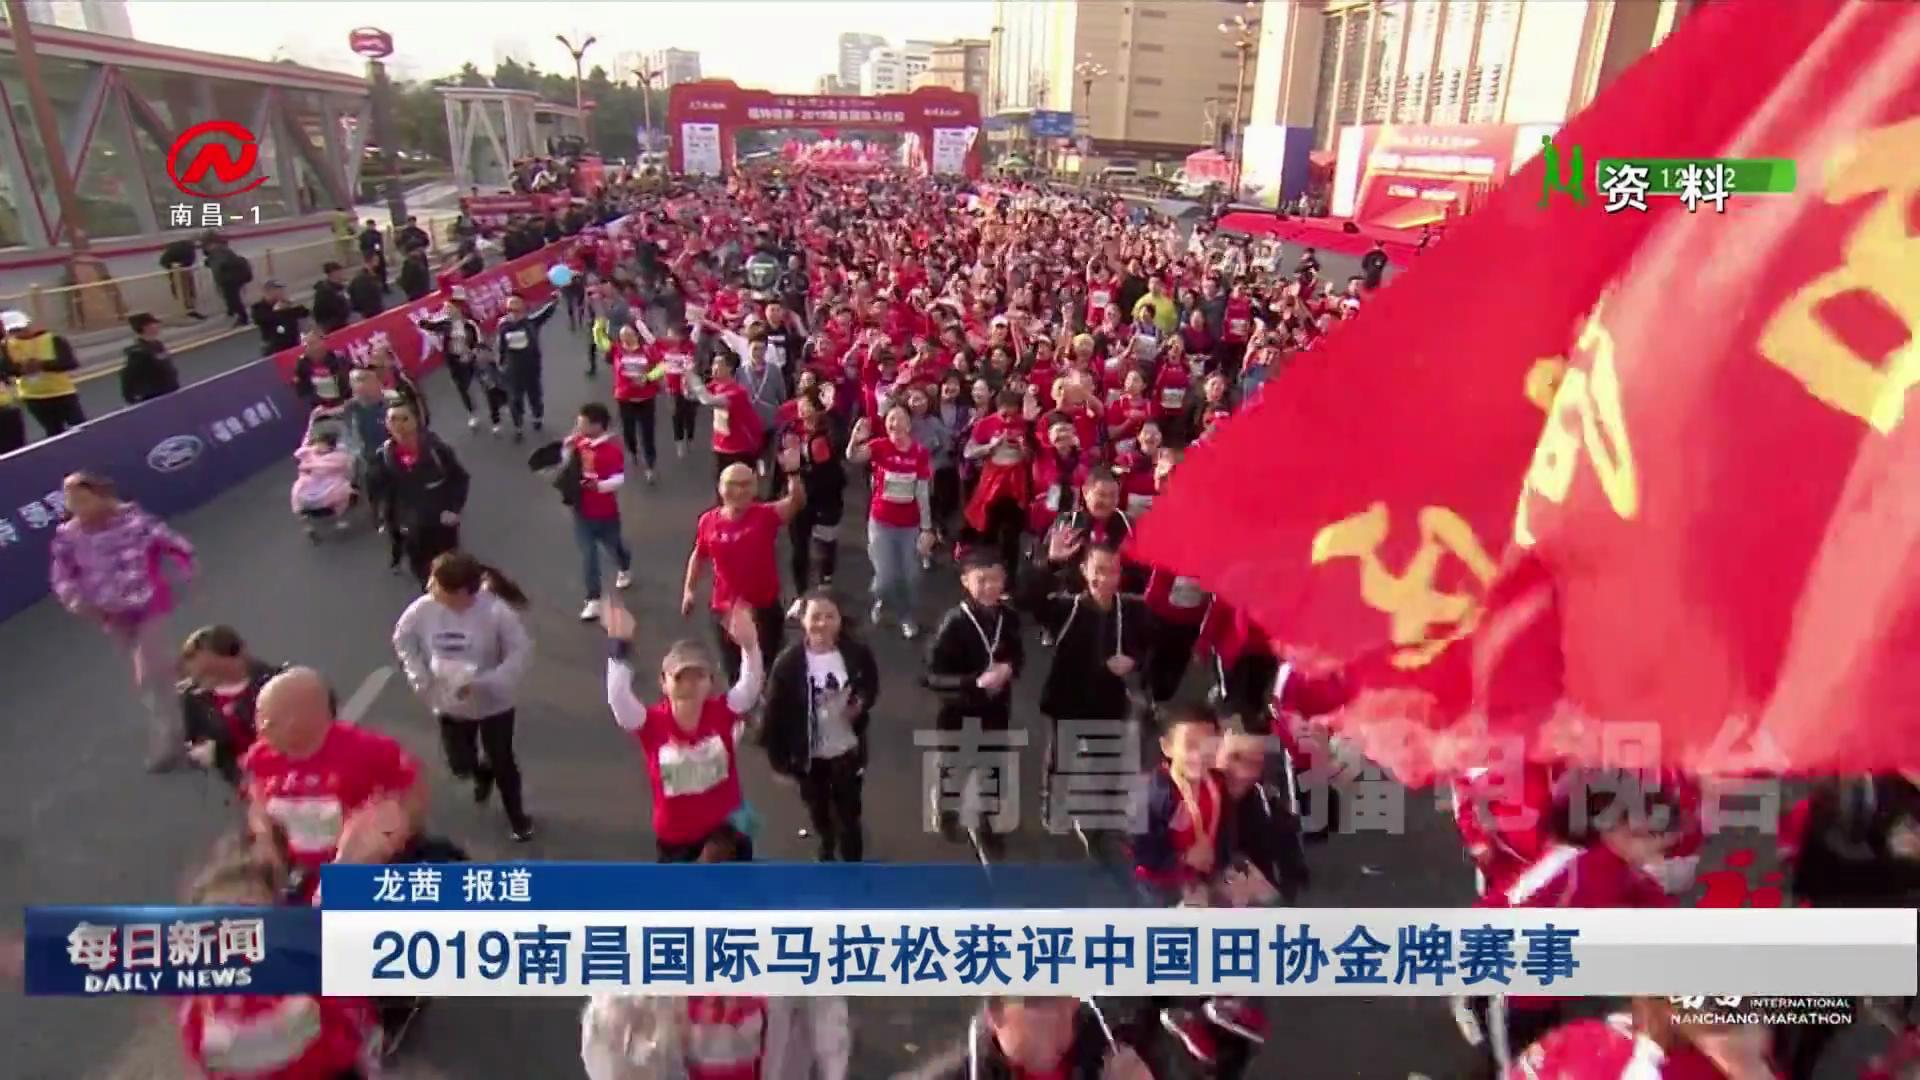 2019南昌国际马拉松获评中国田协金牌赛事